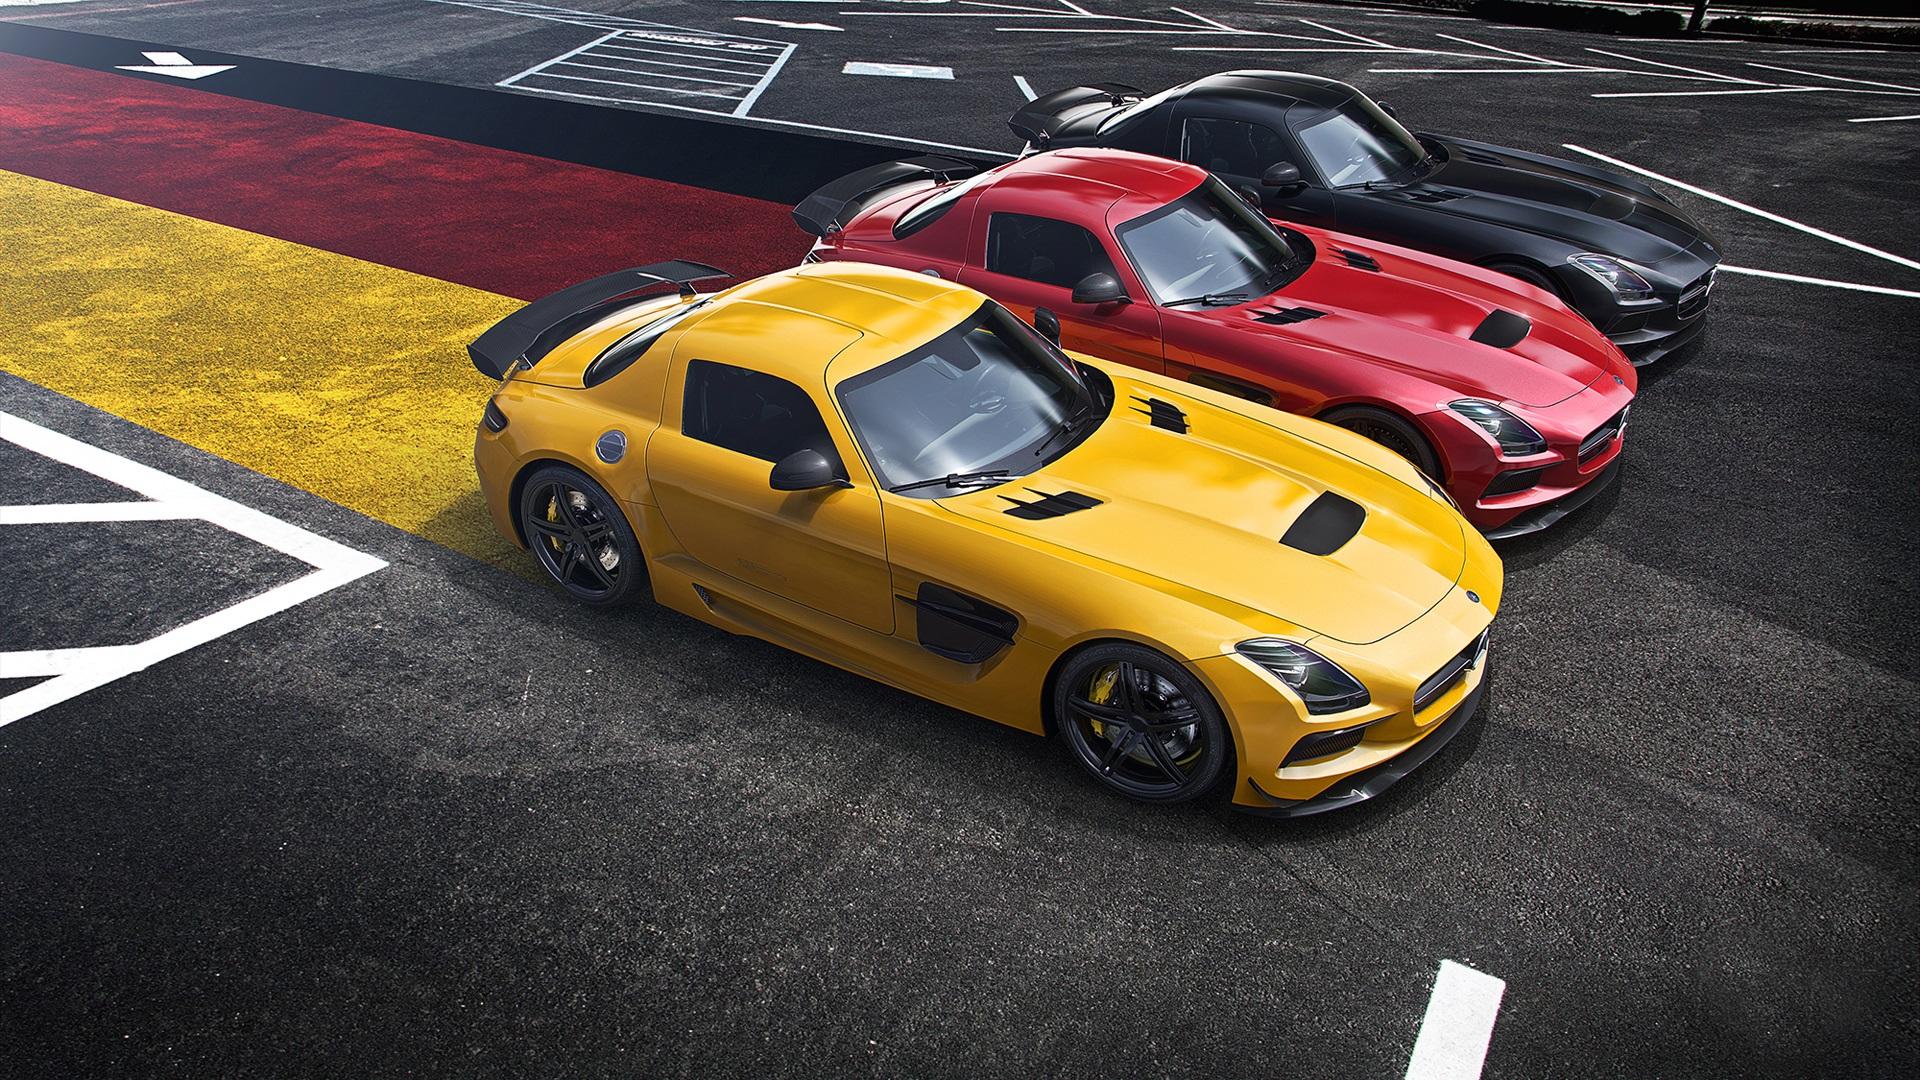 Download wallpaper 1920x1080 mercedes benz amg sls for Mercedes benz supercar